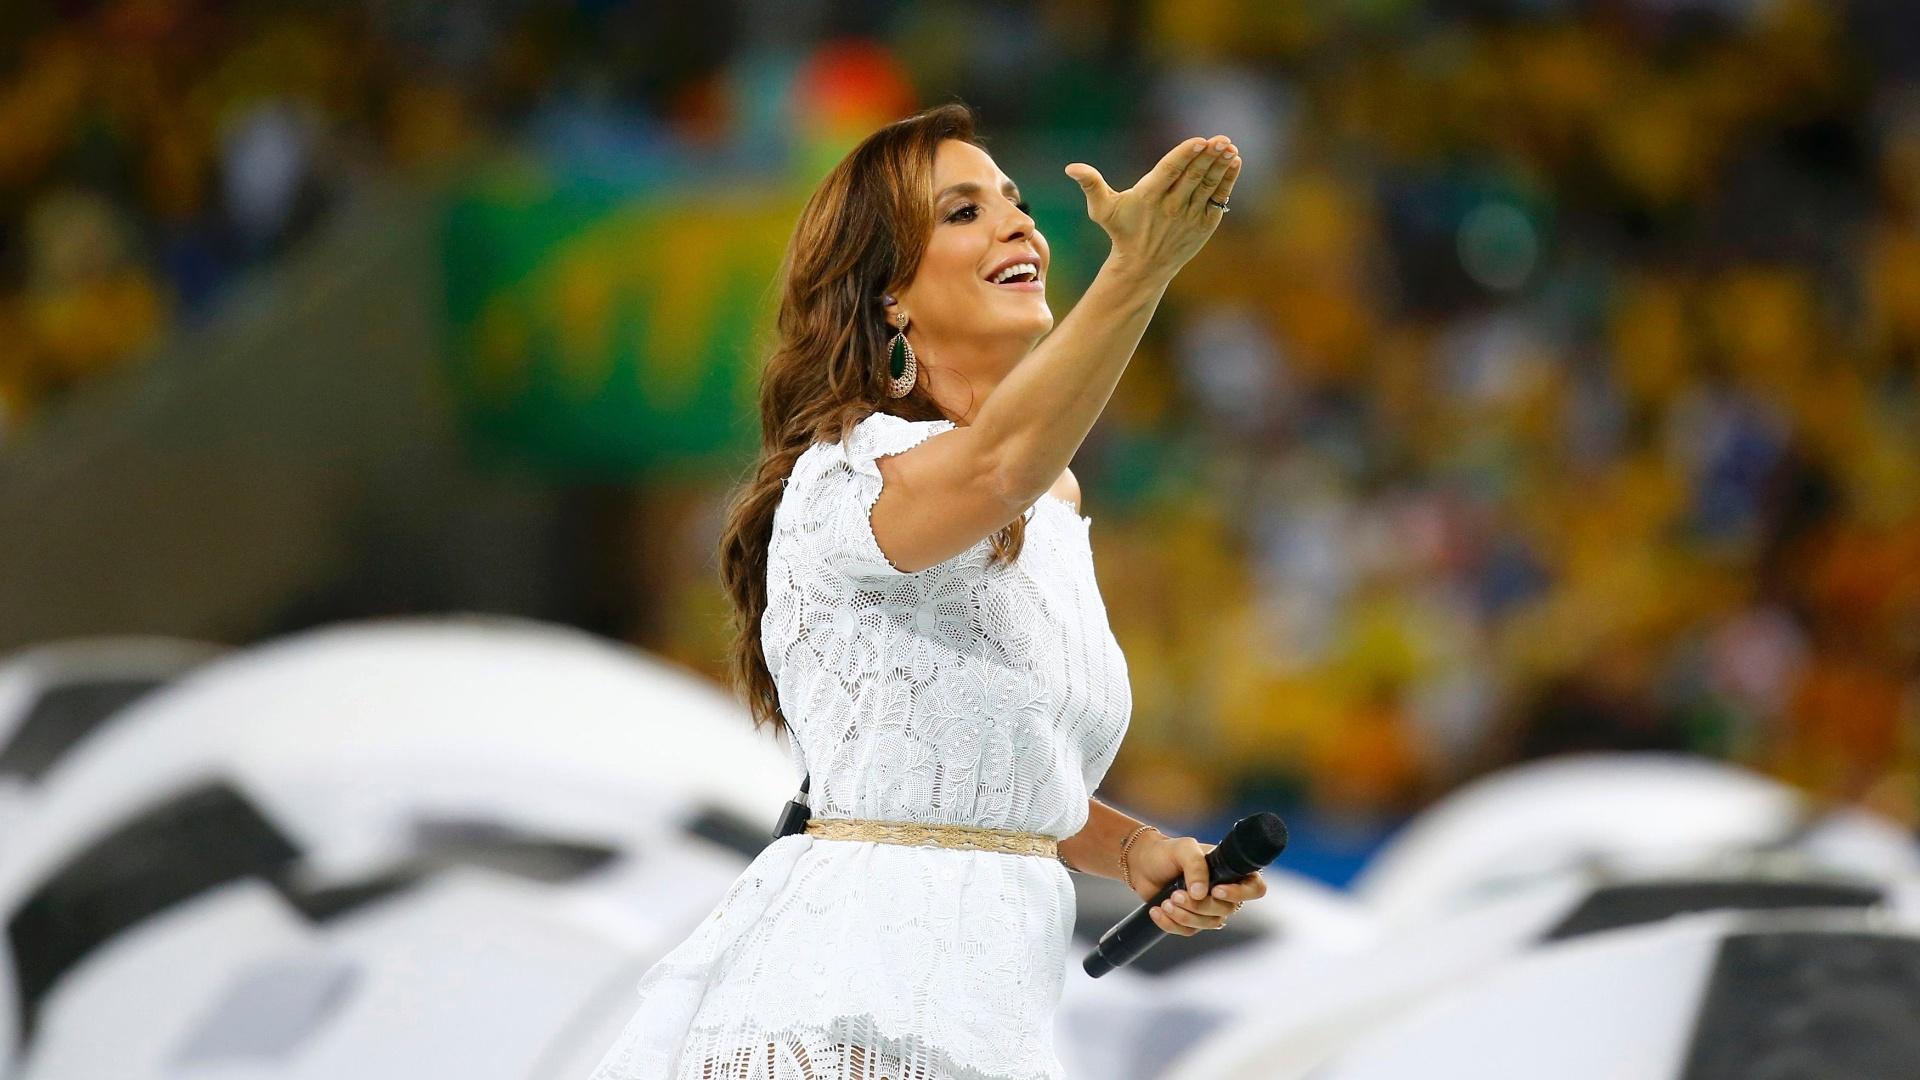 30.jun.2013 - Cantora baiana Ivete Sangalo acena para a torcida presente nas arquibancadas do Maracanã durante a festa de encerramento